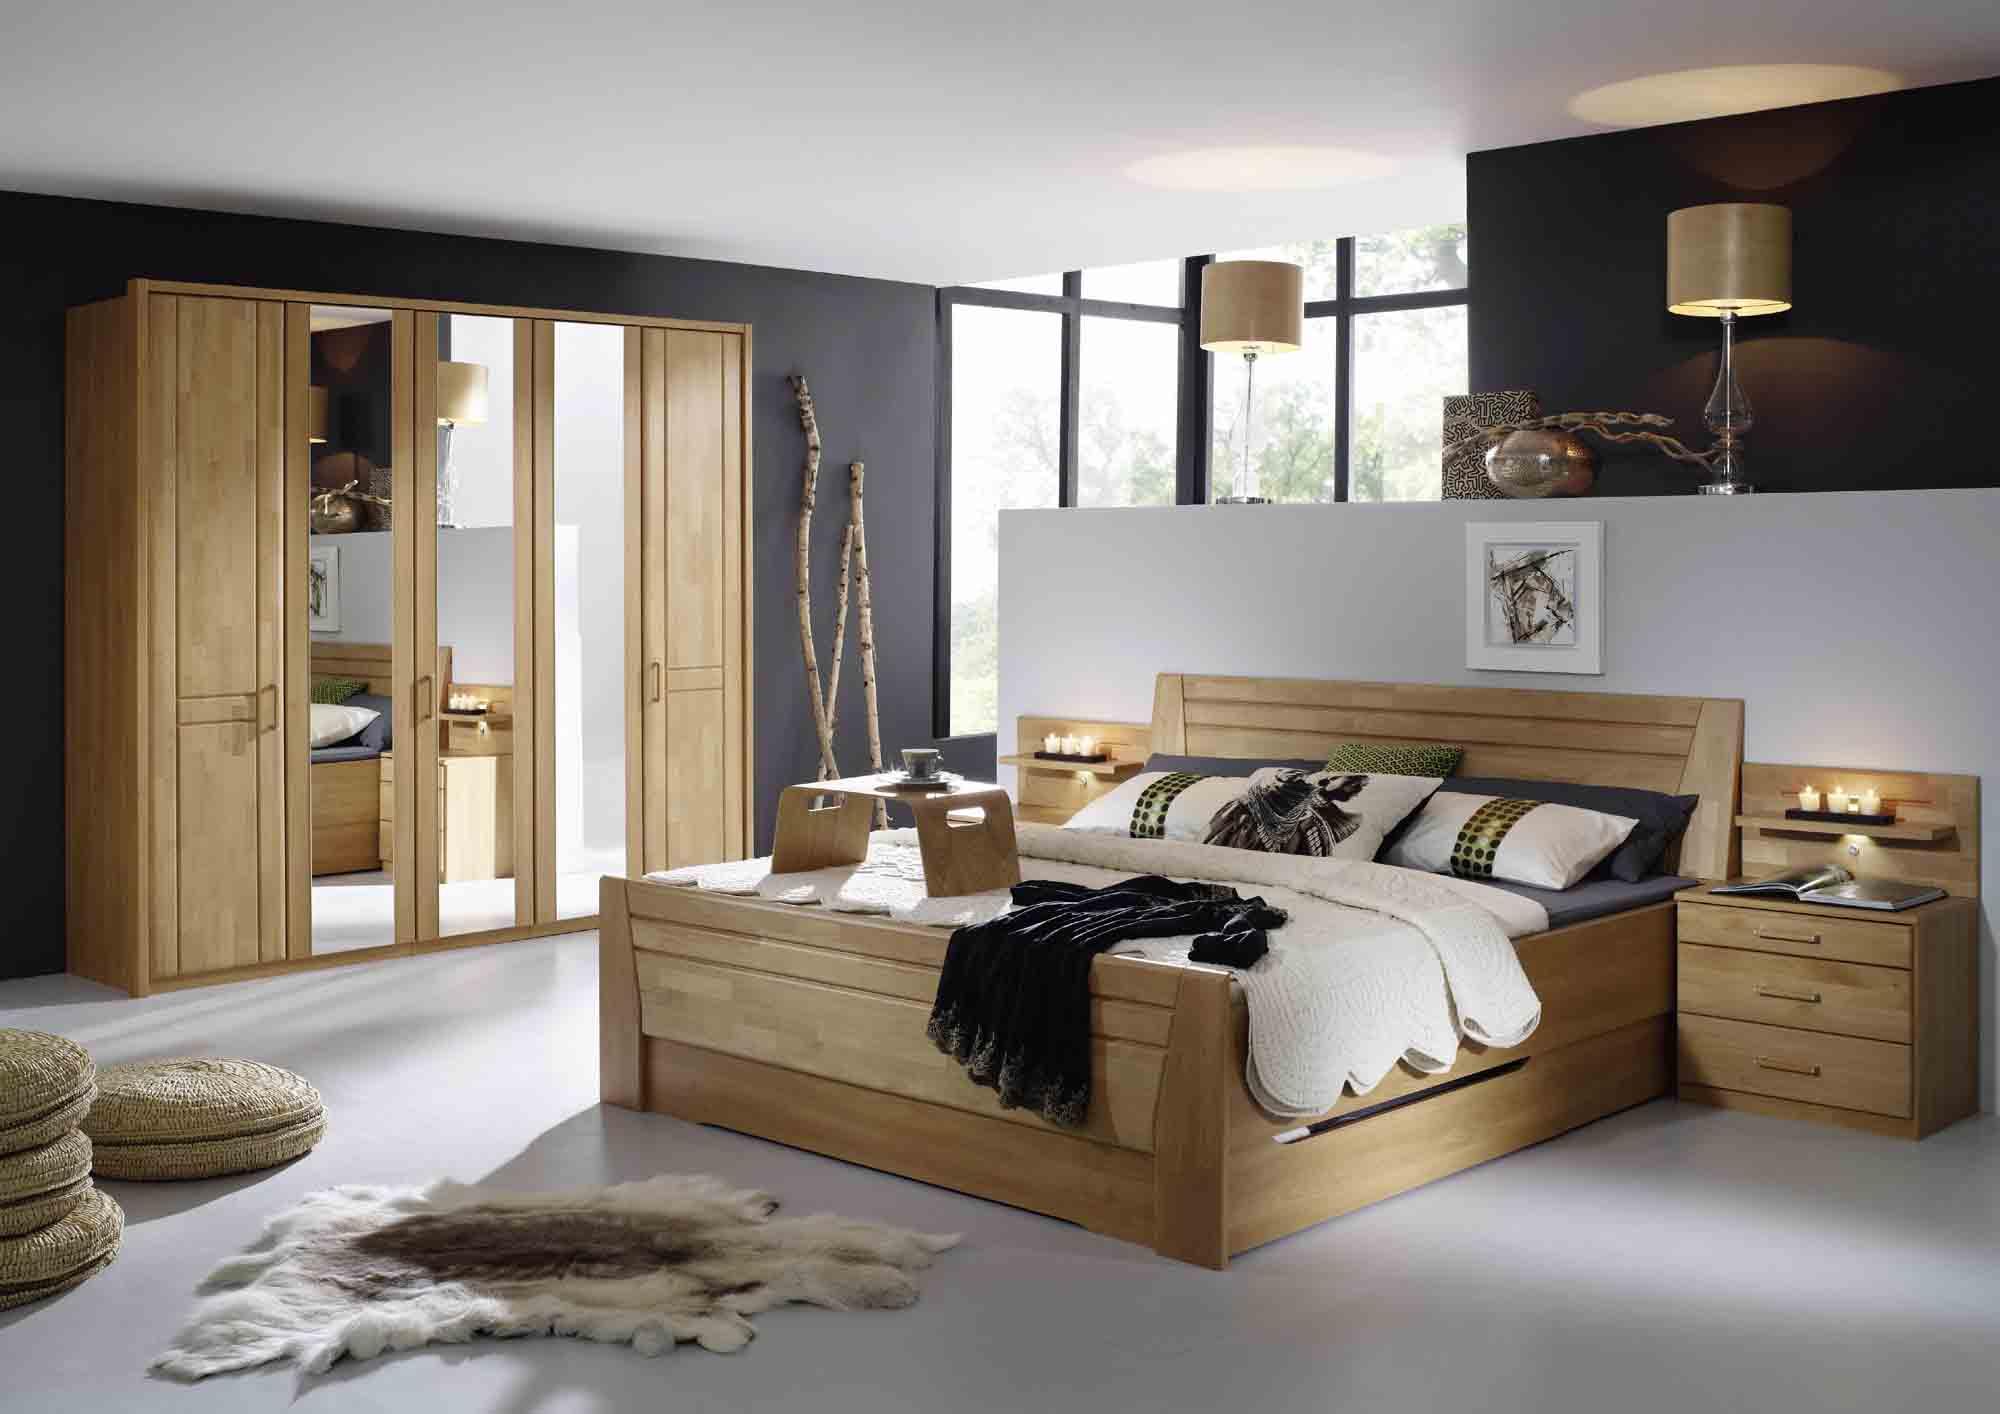 Full Size of Schlafzimmer Brgge Wiemann Erle Regal Günstige Komplett Klimagerät Für Vorhänge Kronleuchter Sessel Küche Günstig Mit Elektrogeräten Badezimmer Schimmel Schlafzimmer Schlafzimmer Komplett Günstig